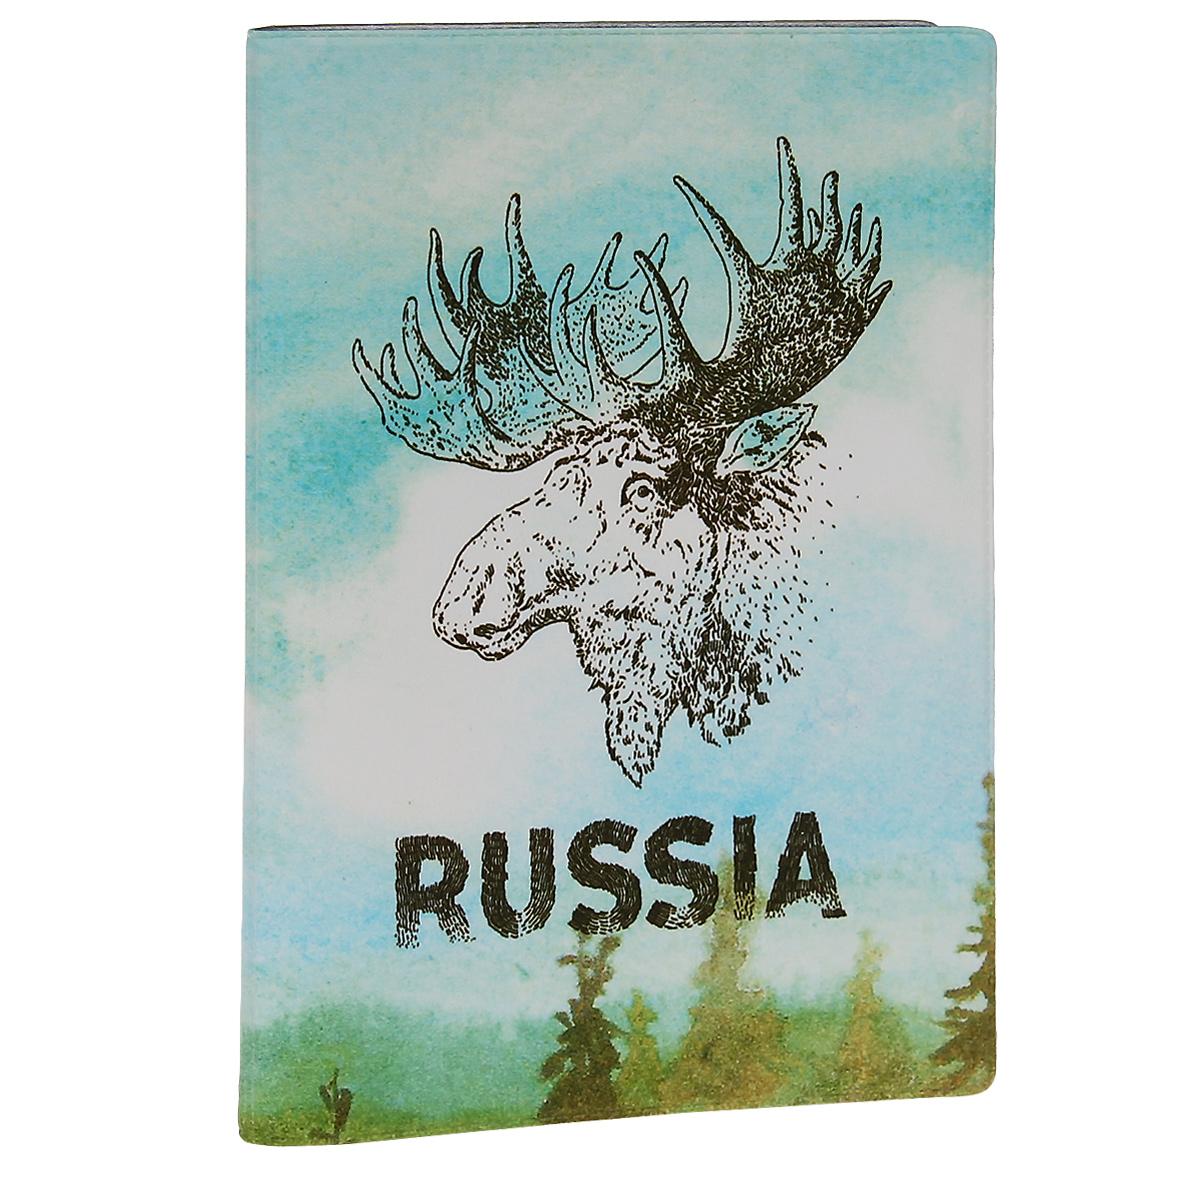 Обложка для паспорта Лось. OZAM300OZAM300Обложка для паспорта Mitya Veselkov Лось выполнена из прочного ПВХ и оформлена изображением головы лося и надписью Russia. Такая обложка не только поможет сохранить внешний вид ваших документов и защитит их от повреждений, но и станет стильным аксессуаром, идеально подходящим вашему образу. Яркая и оригинальная обложка подчеркнет вашу индивидуальность и изысканный вкус. Обложка для паспорта стильного дизайна может быть достойным и оригинальным подарком.